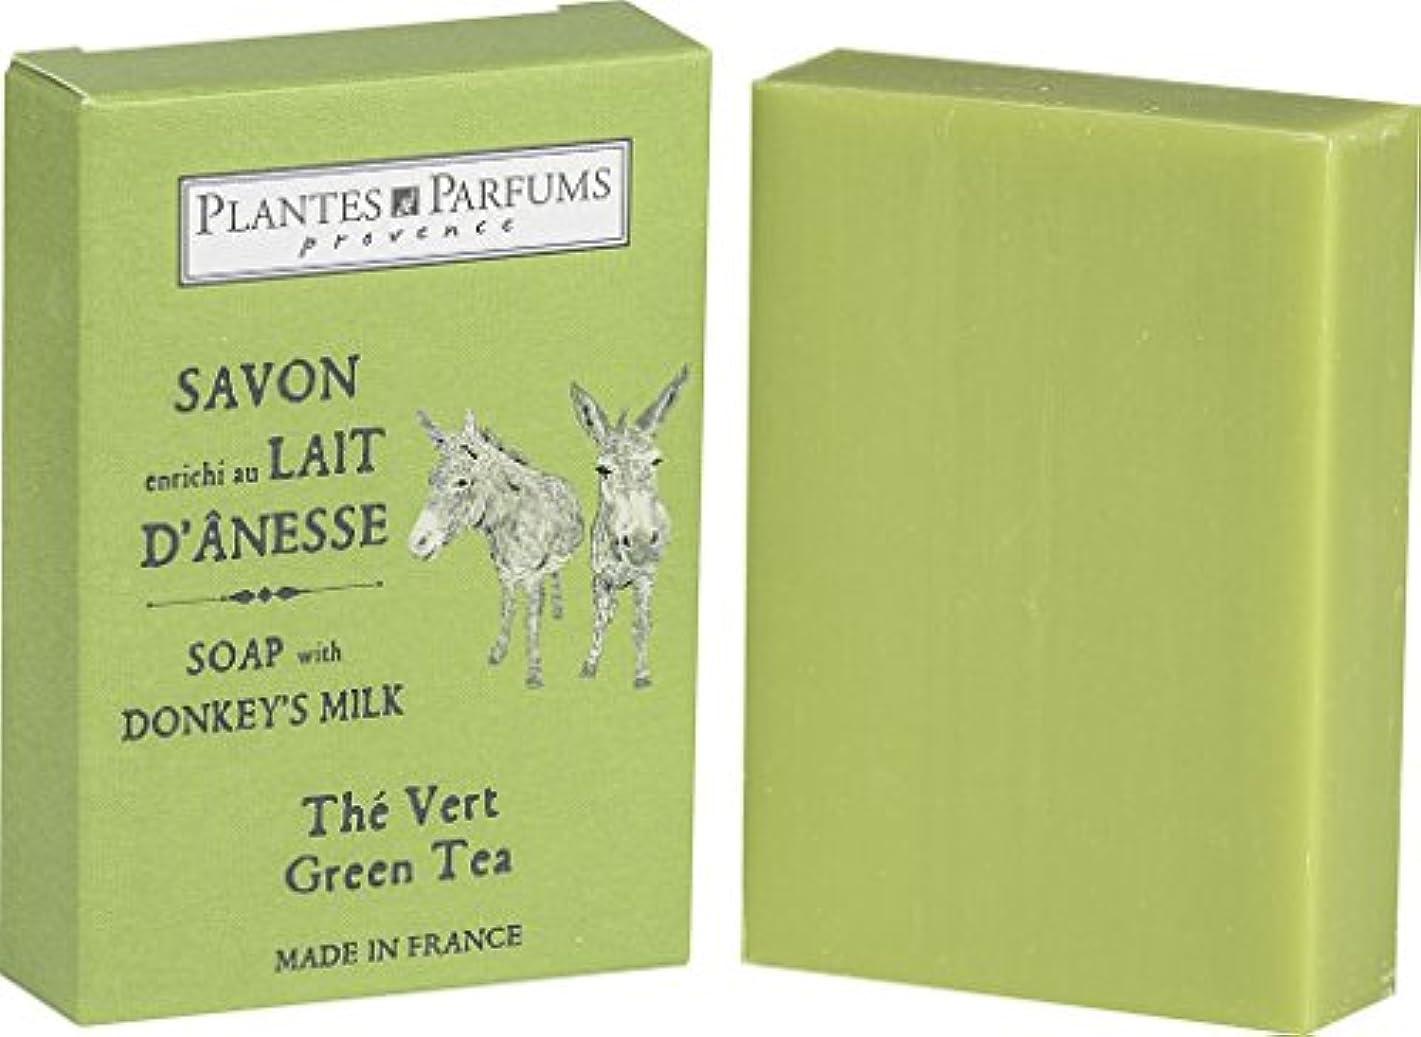 広告するラップ哲学博士Plantes&Parfums [プランツ&パルファム] ロバミルクソープ100g グリーンティ